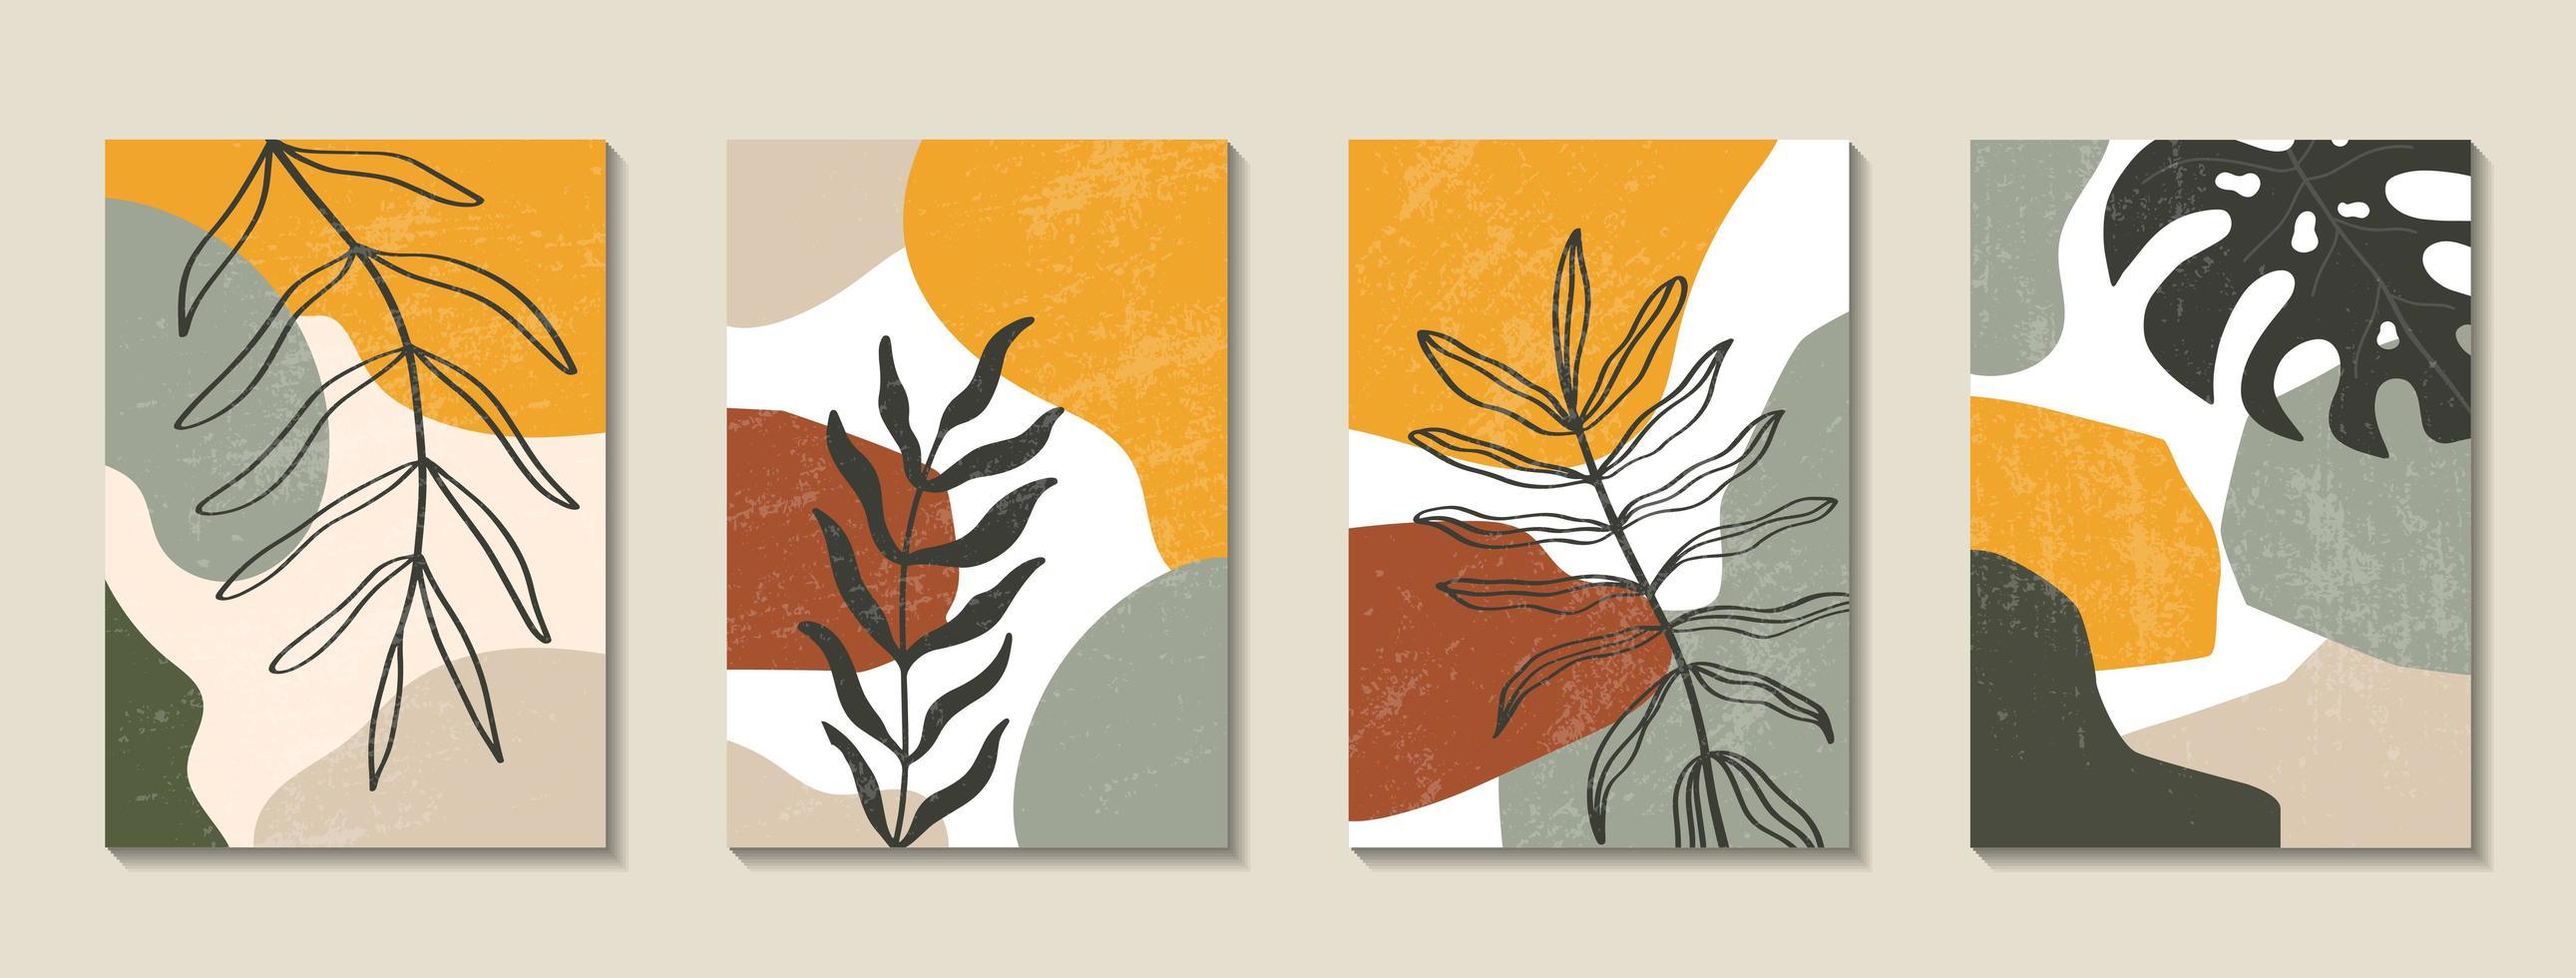 conjunto de carteles con elementos de hojas tropicales y formas abstractas vector